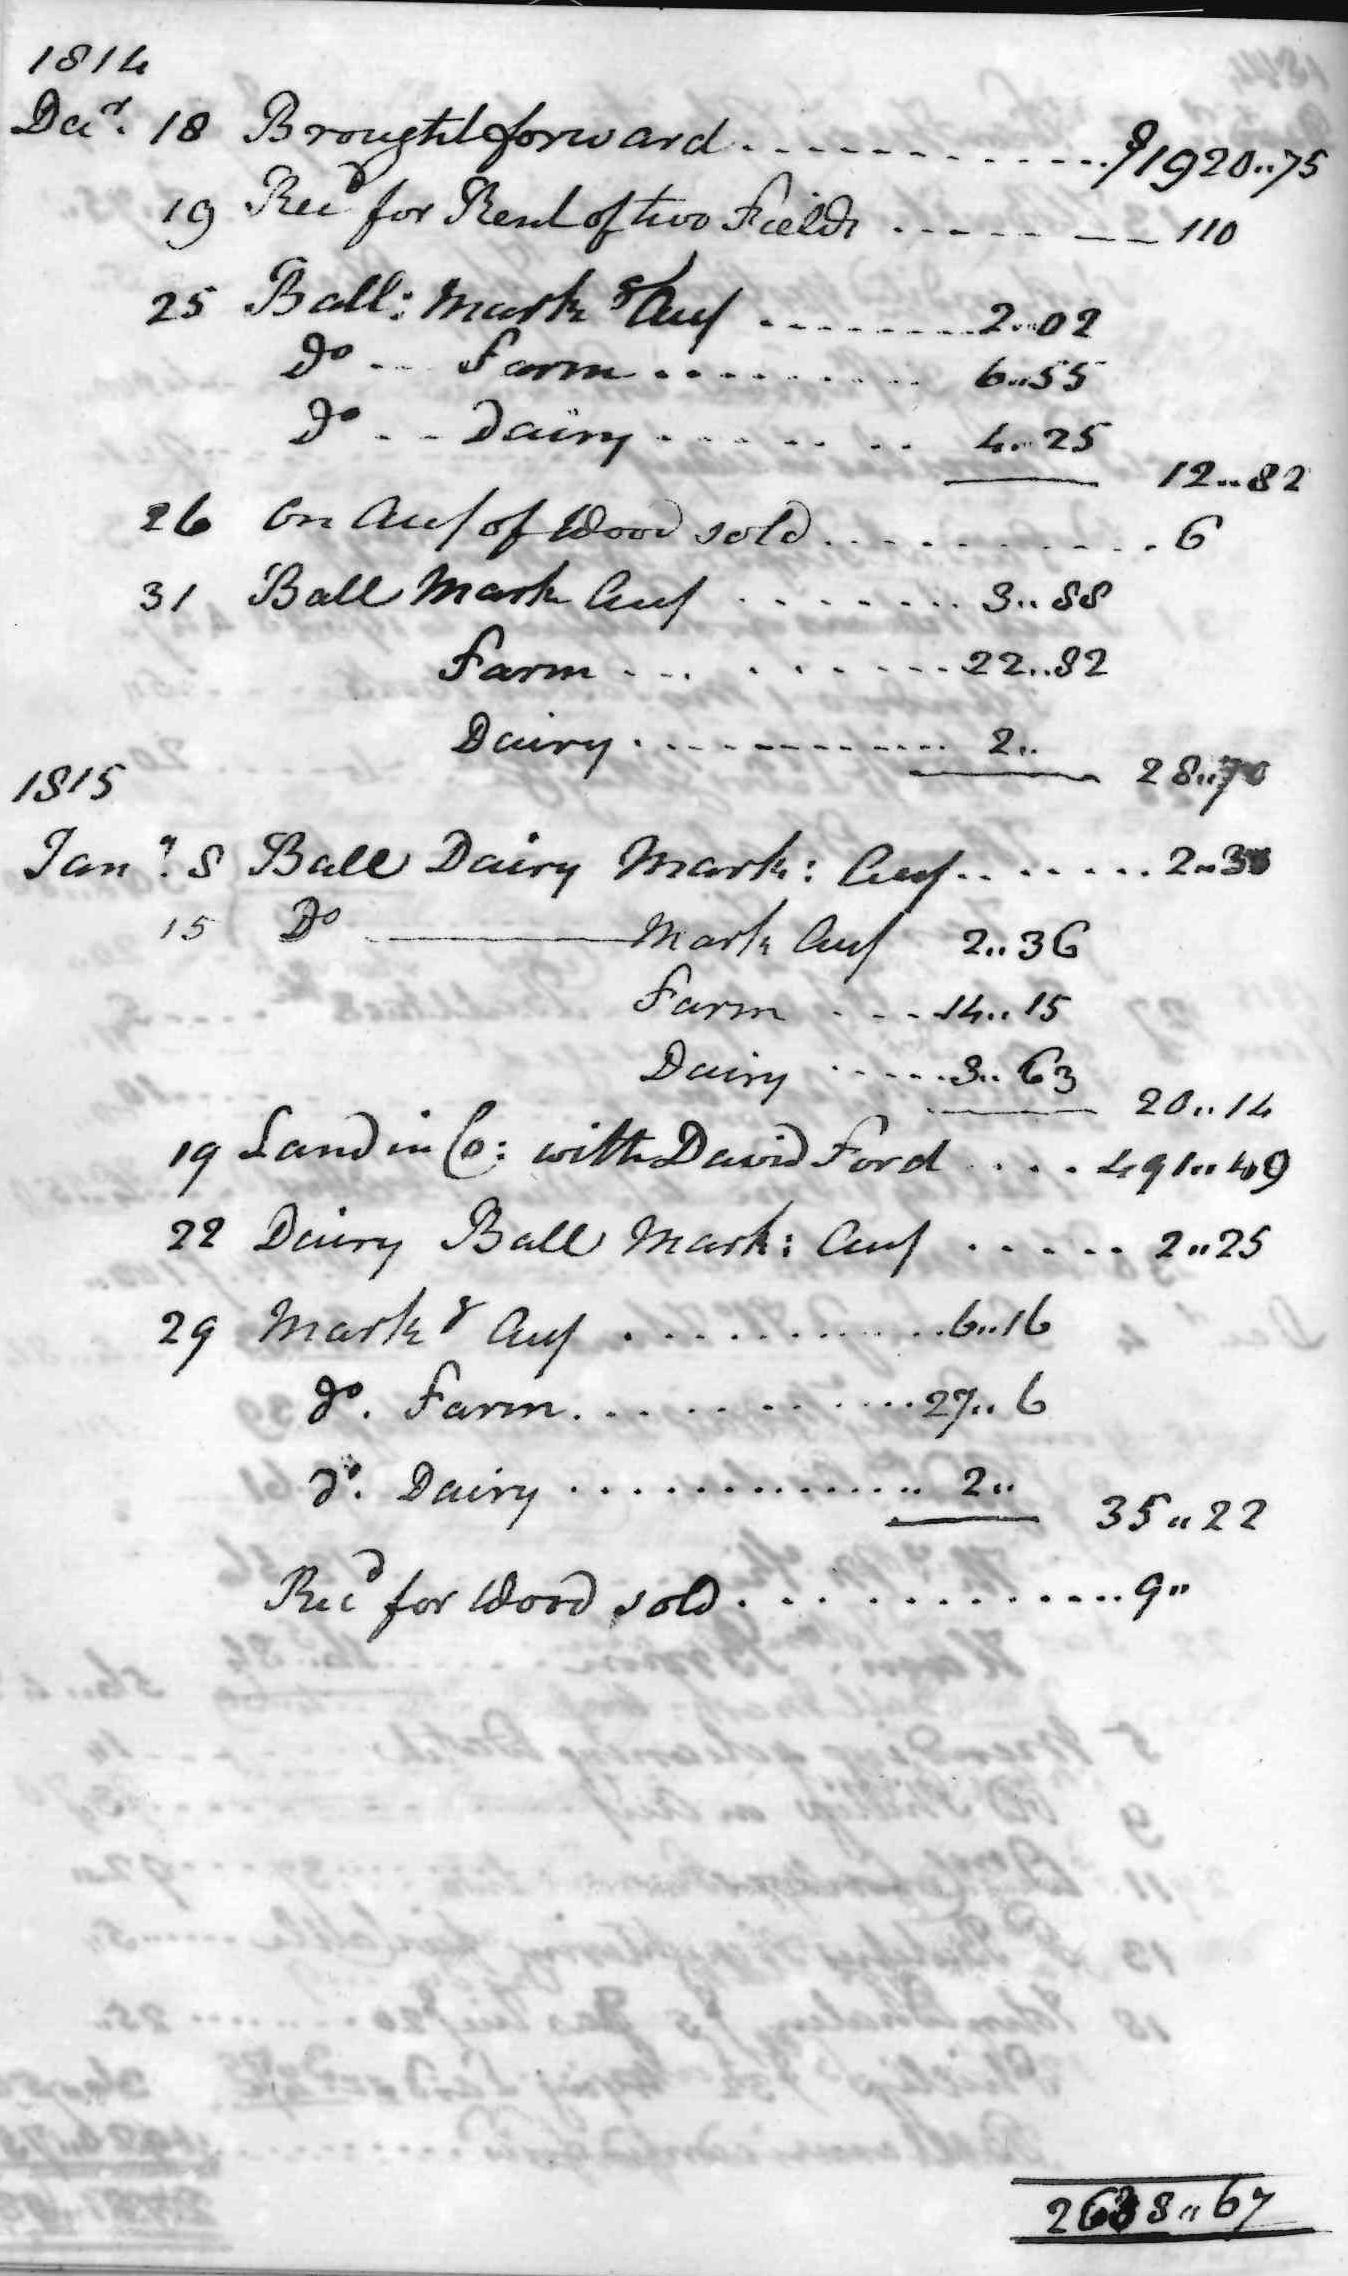 Gouverneur Morris Cash Book, folio 37, left side